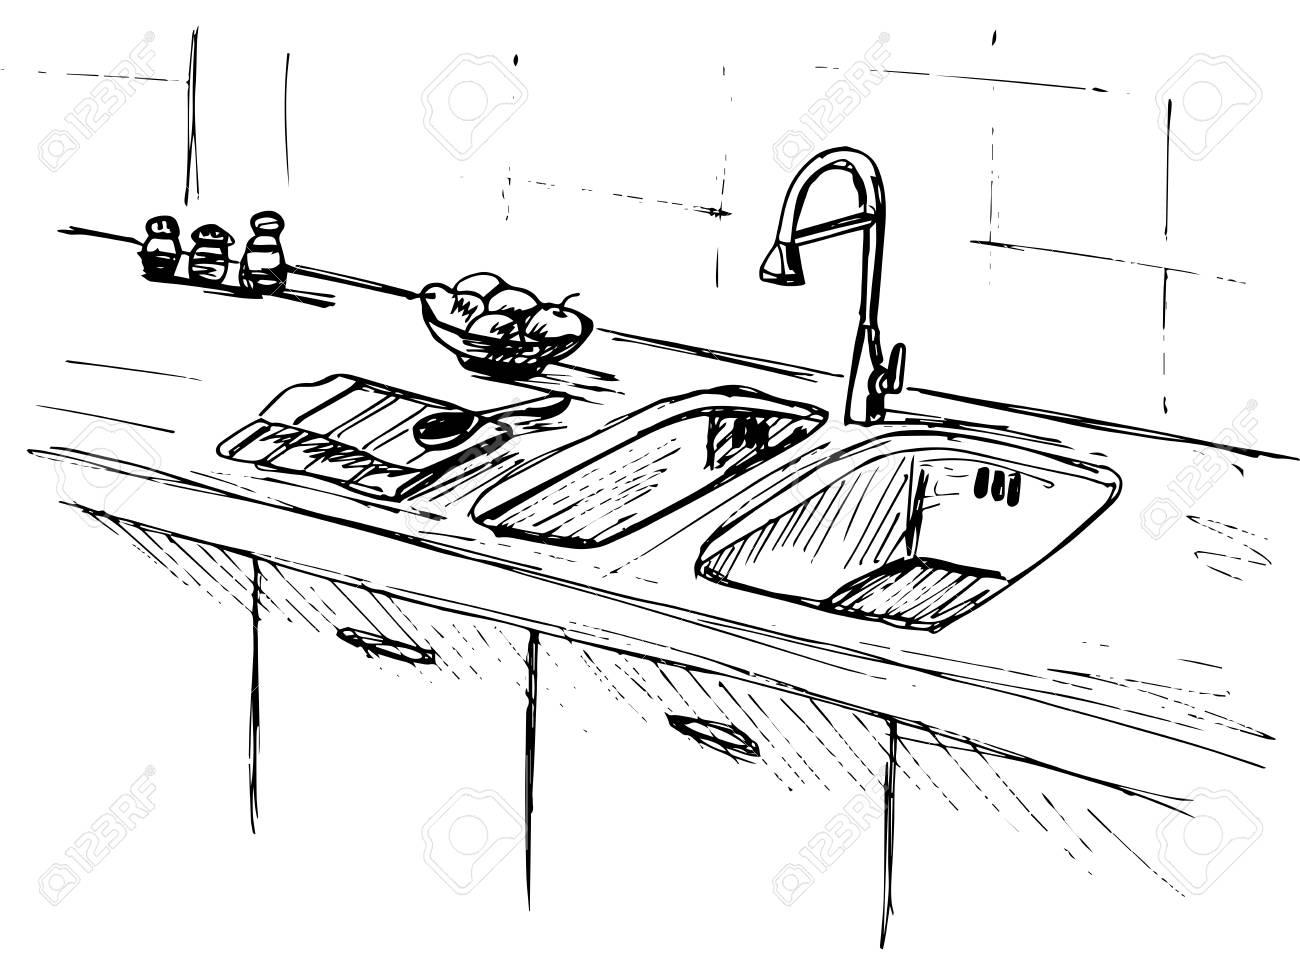 Full Size of Kitchen Sink. Kitchen Worktop With Sink. The Sketch Of The Kitchen. Küche Spüle Küche